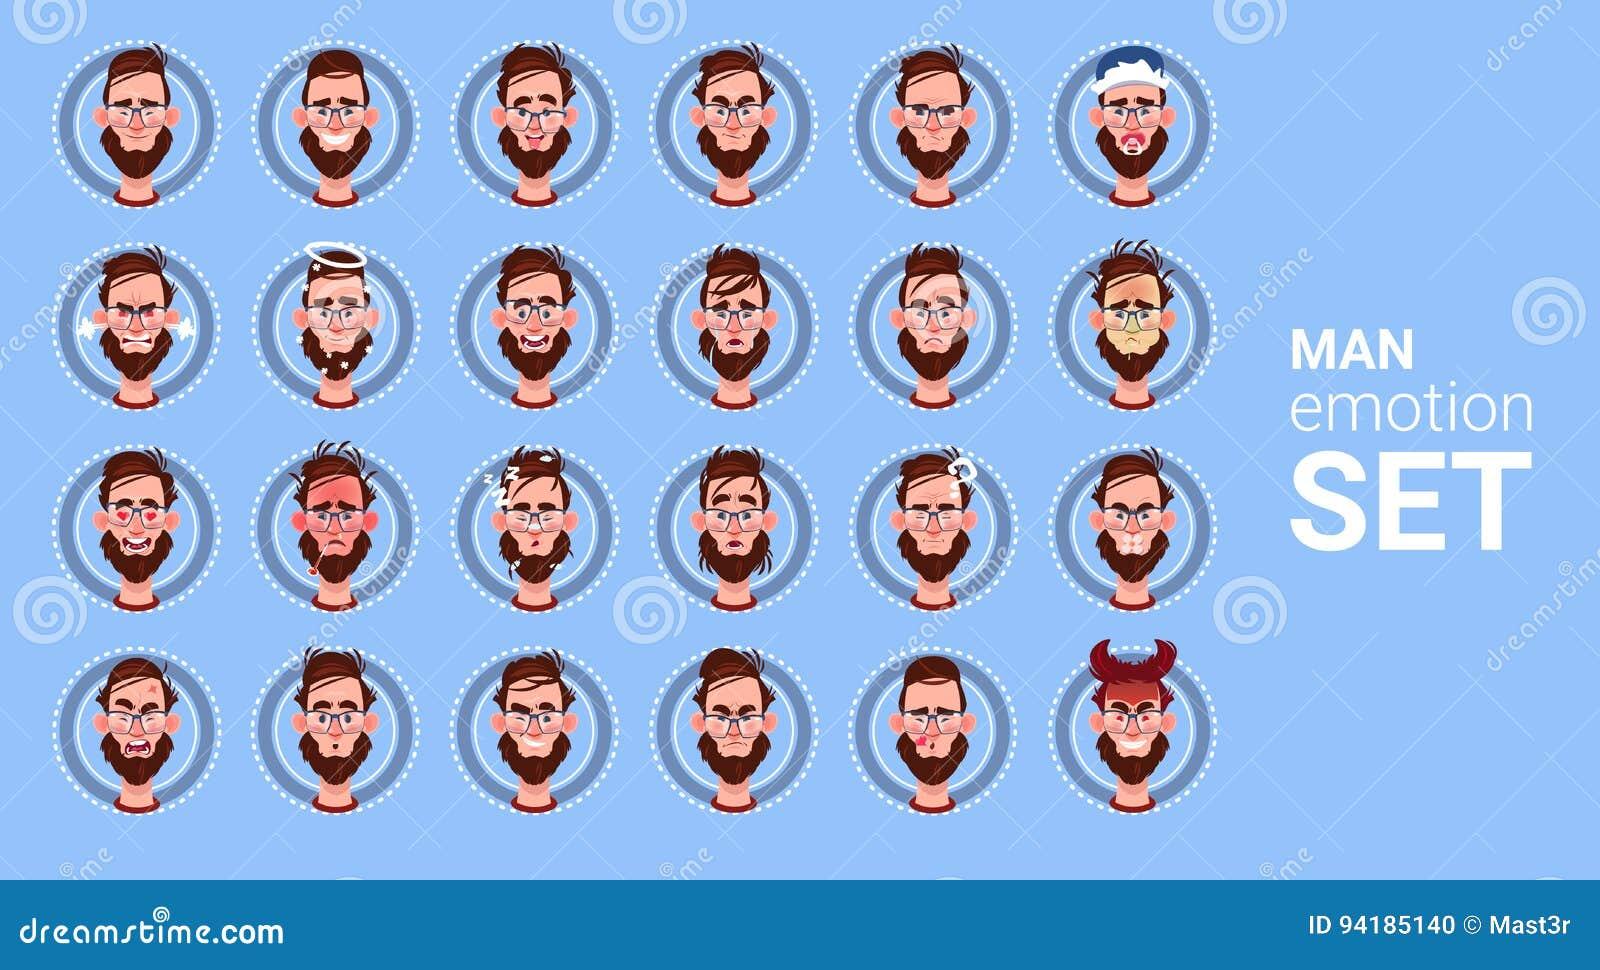 Avatar réglé d émotion différente de mâle d icône de profil, collection de visage de portrait de bande dessinée d homme